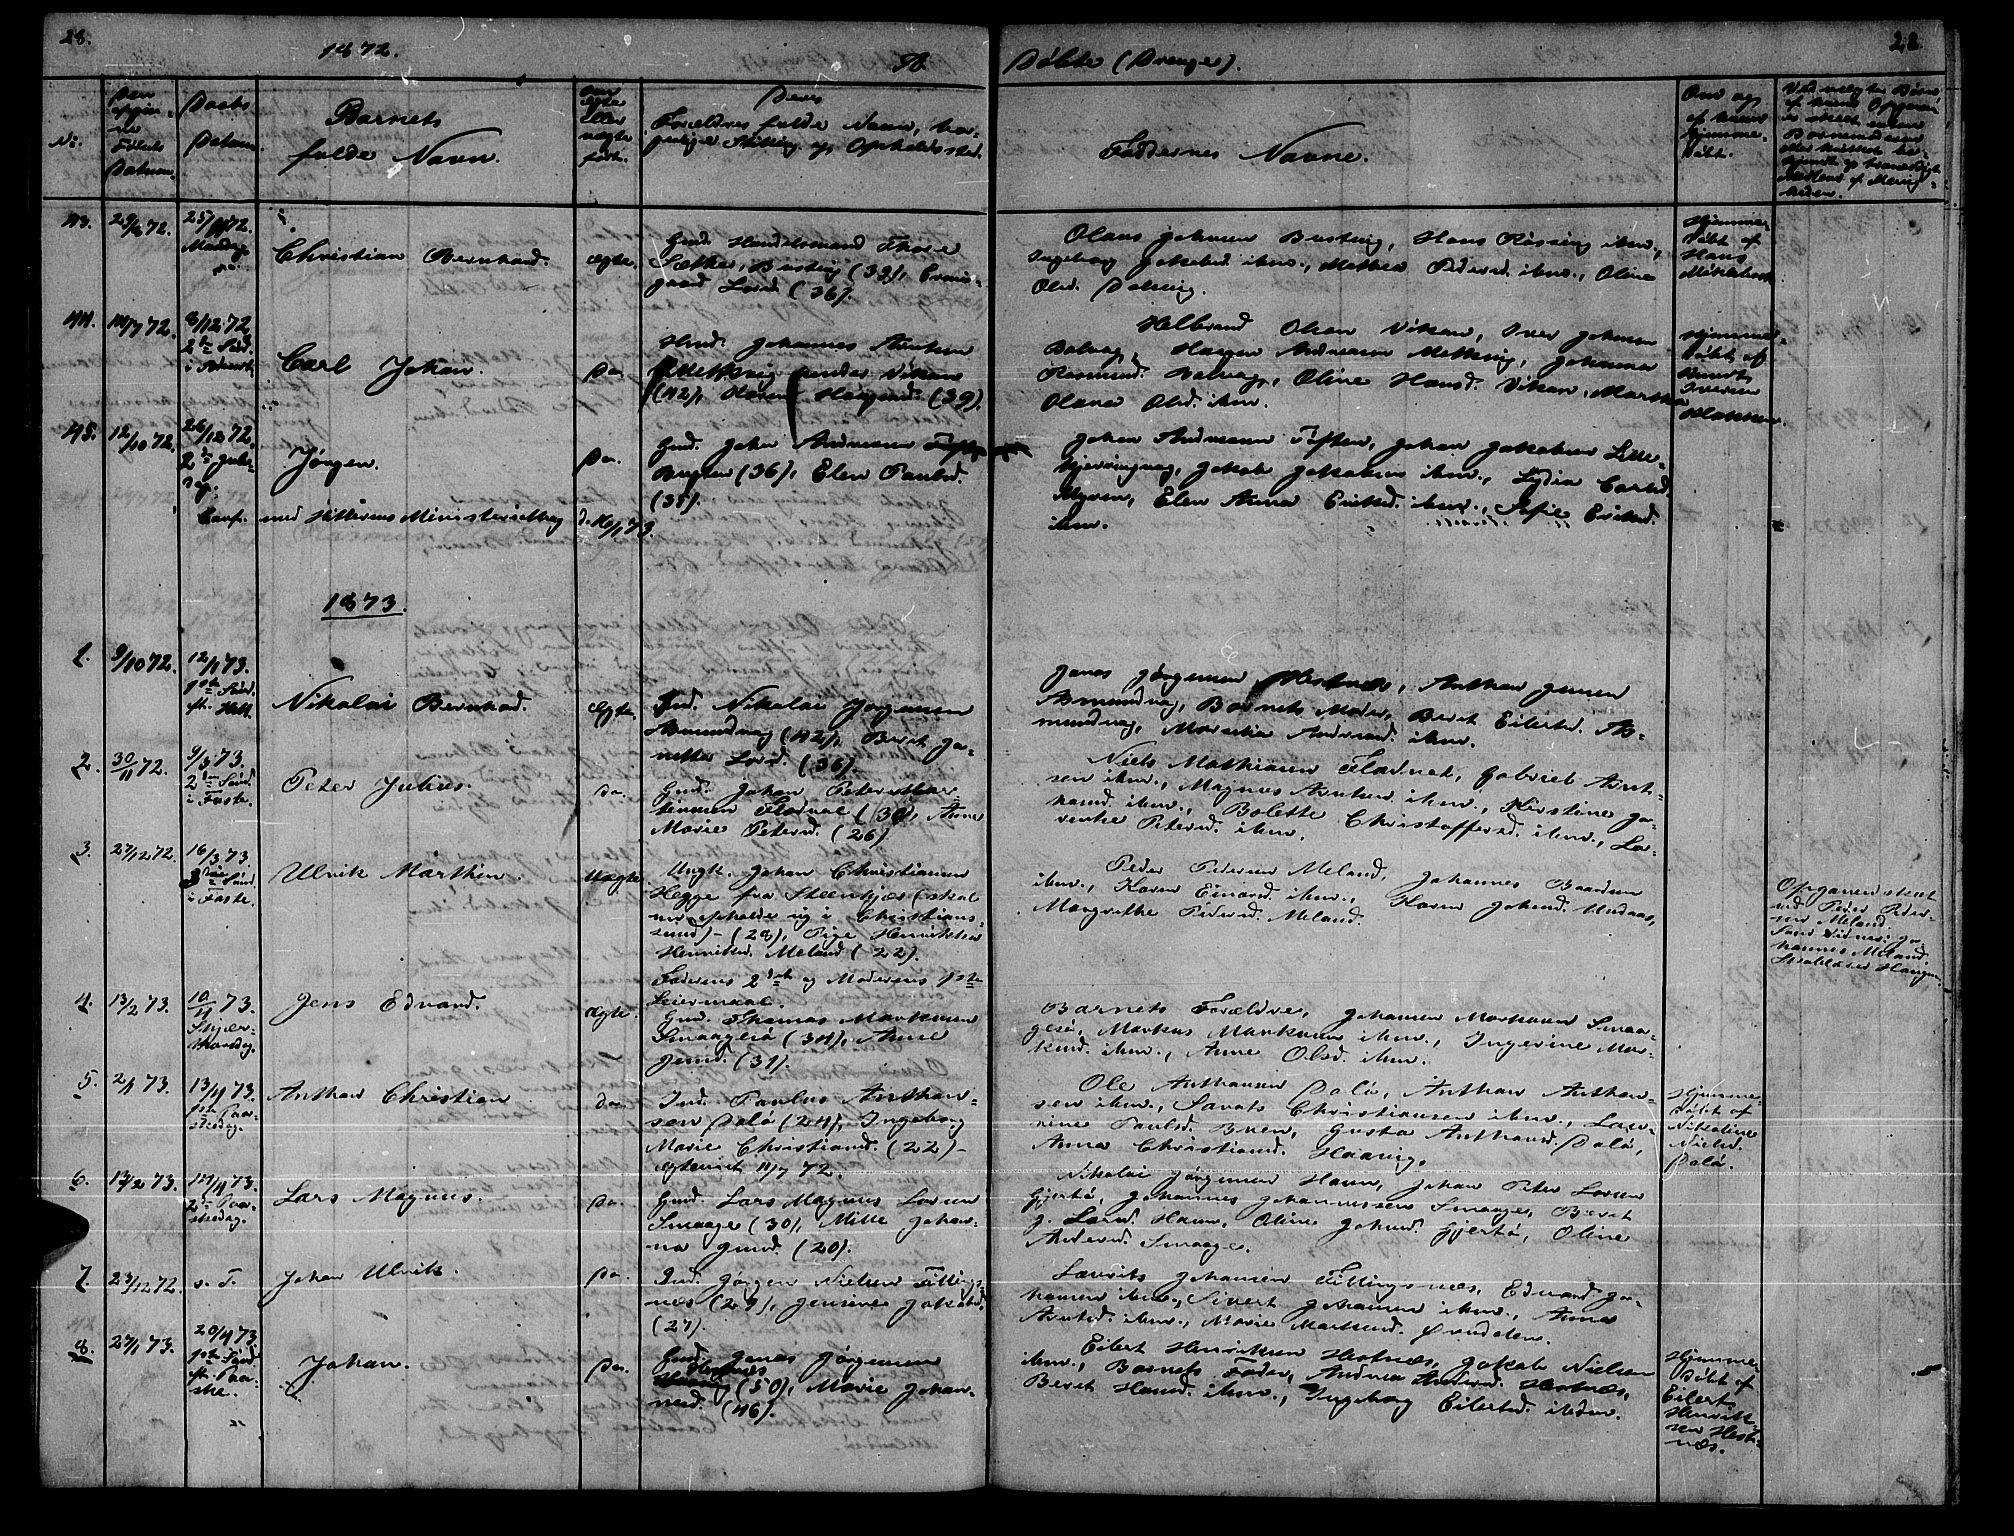 SAT, Ministerialprotokoller, klokkerbøker og fødselsregistre - Sør-Trøndelag, 634/L0539: Klokkerbok nr. 634C01, 1866-1873, s. 28